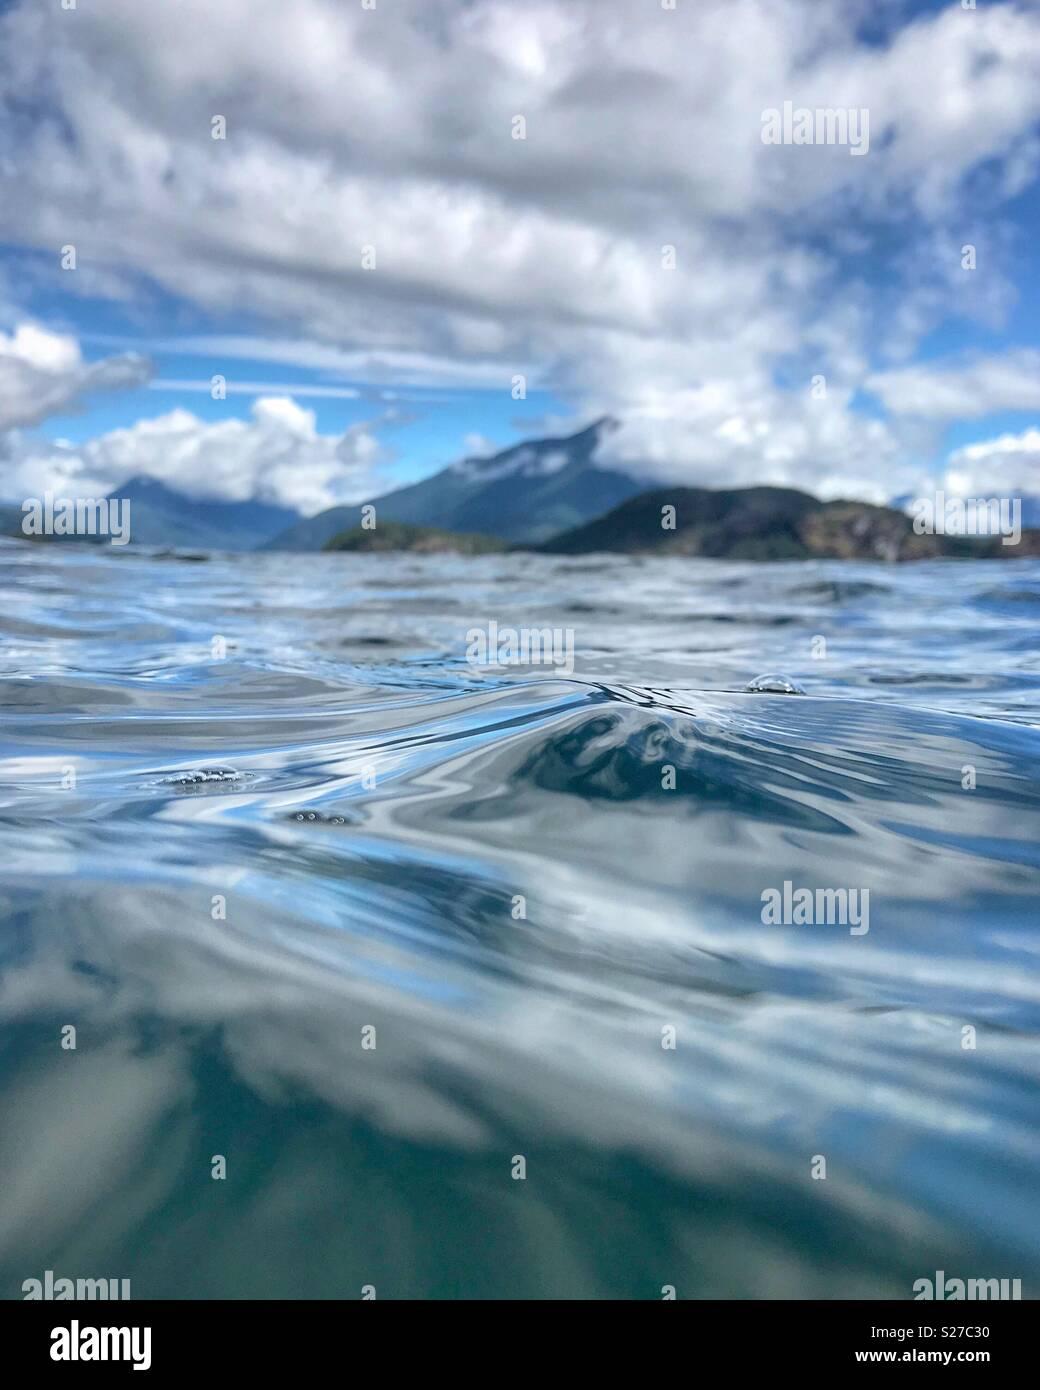 Ein Blick auf die Desolation Sound aus Wasser mit einem Gefühl von Bewegung und einem Blick auf die Berge und Himmel im Hintergrund. Stockbild